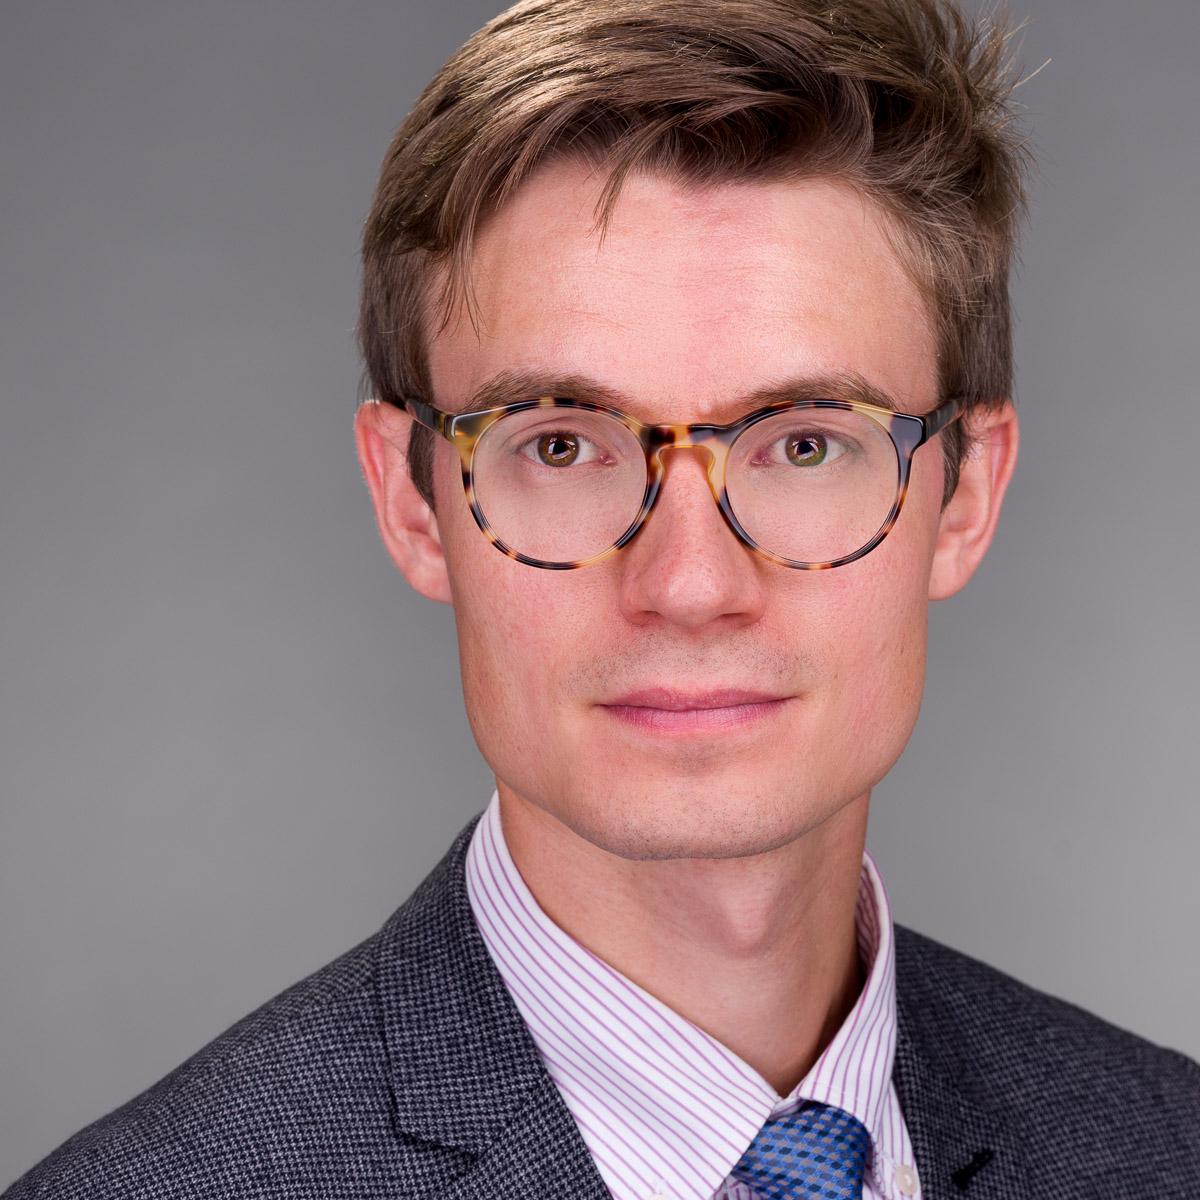 Christian Olesen